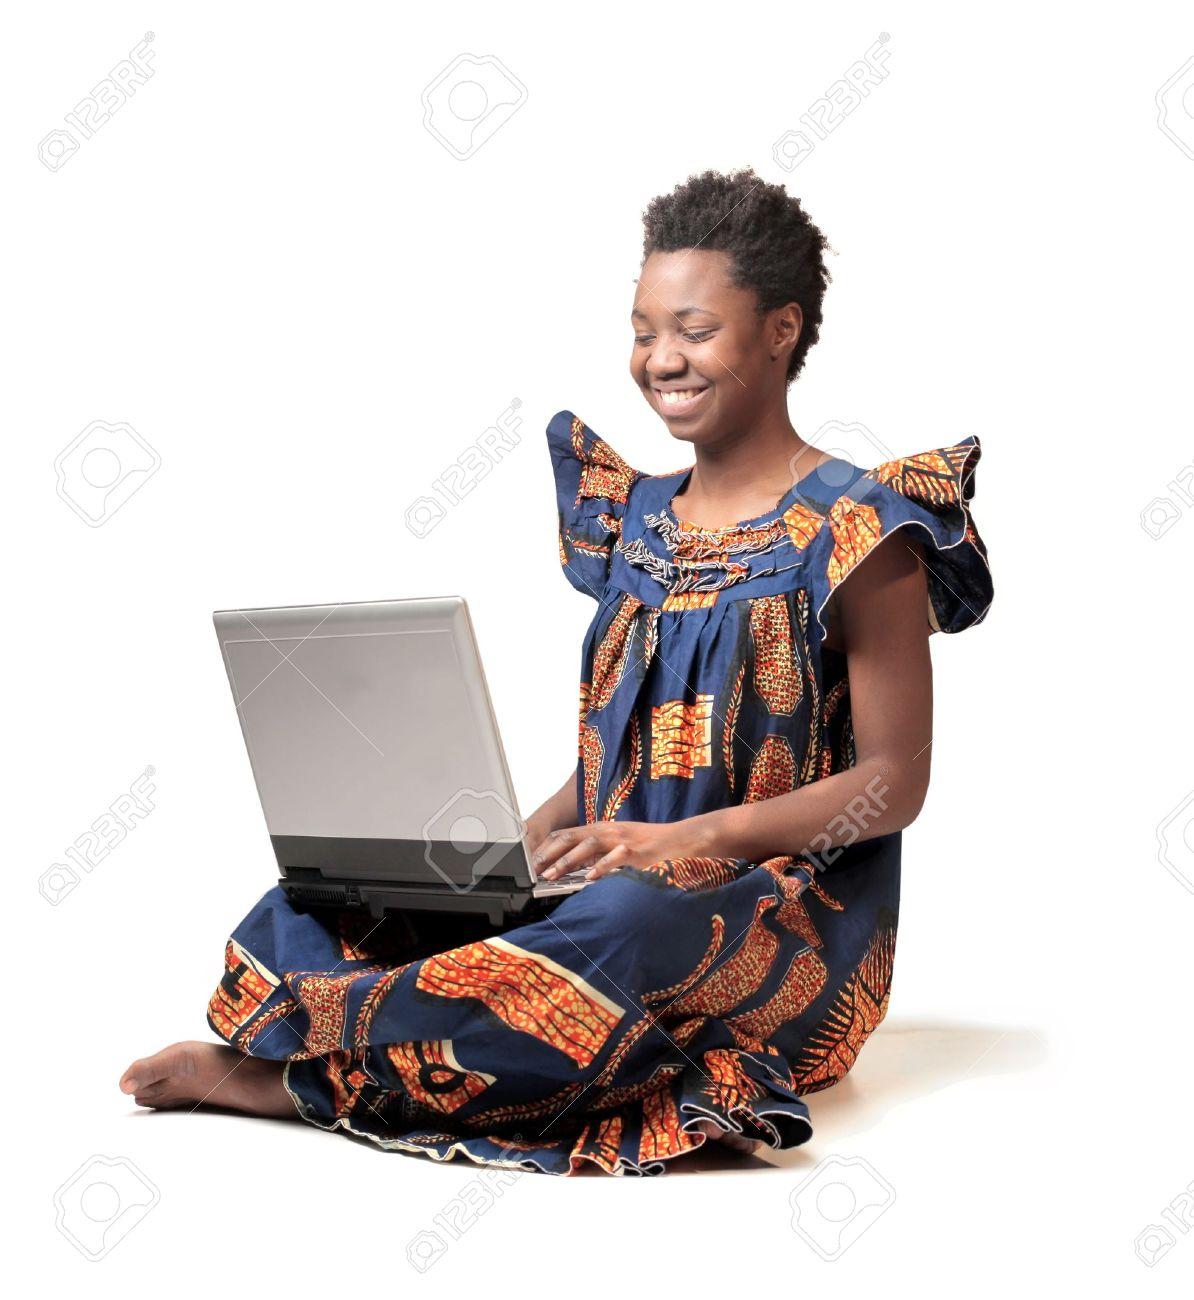 12199689-Sourire-femme-africaine-en-costume-traditionnel-l-aide-d-un-ordinateur-portable-Banque-d'images